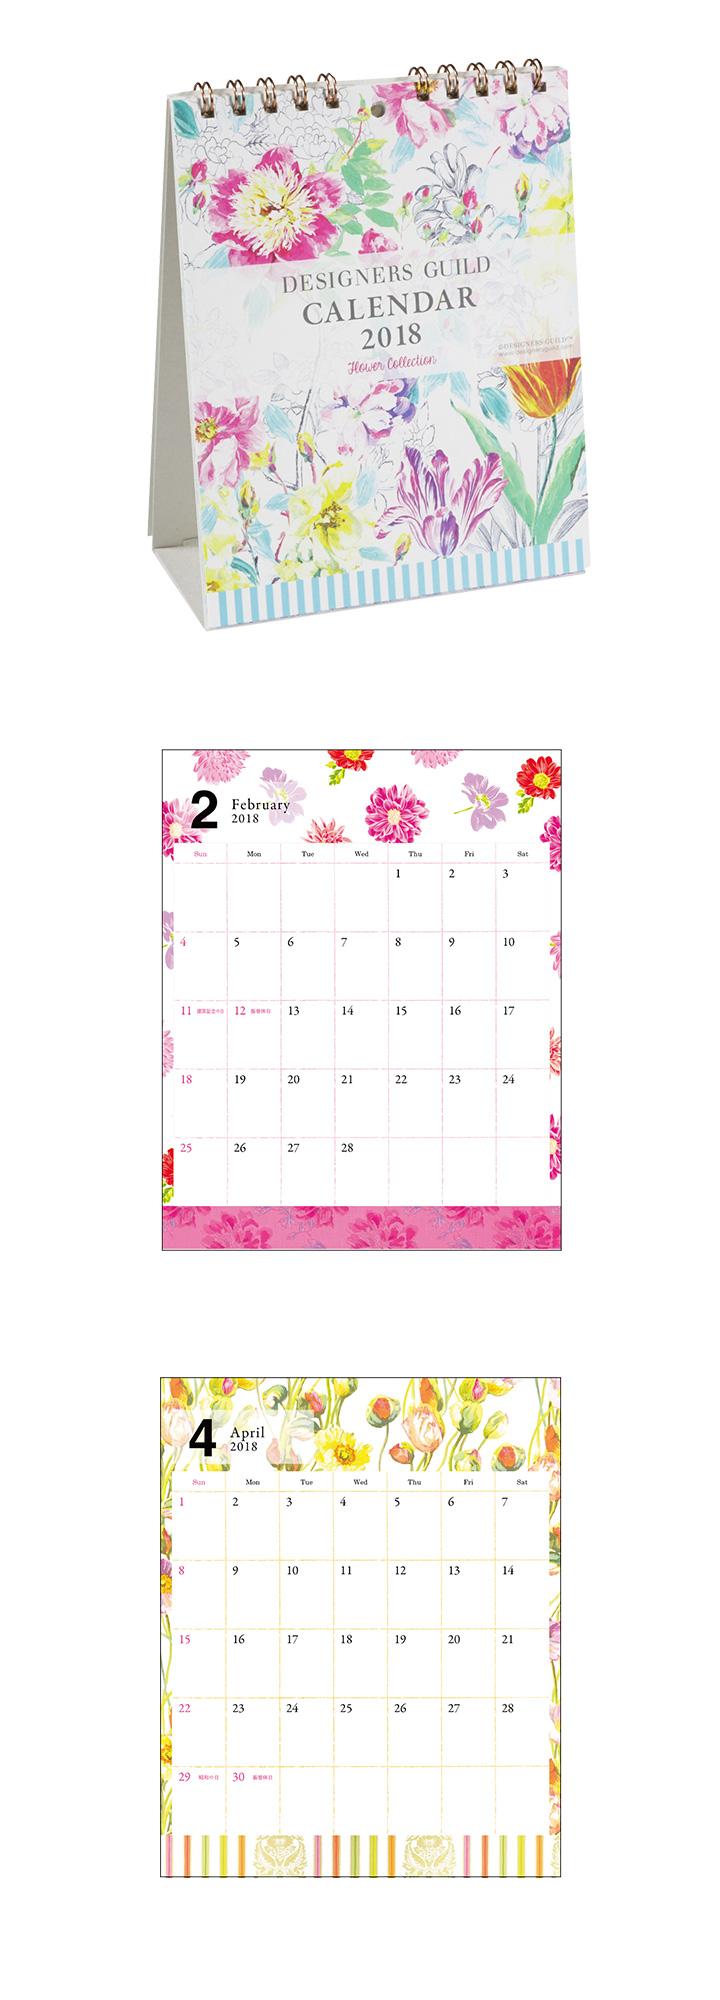 2018 デザイナーズギルド卓上カレンダー